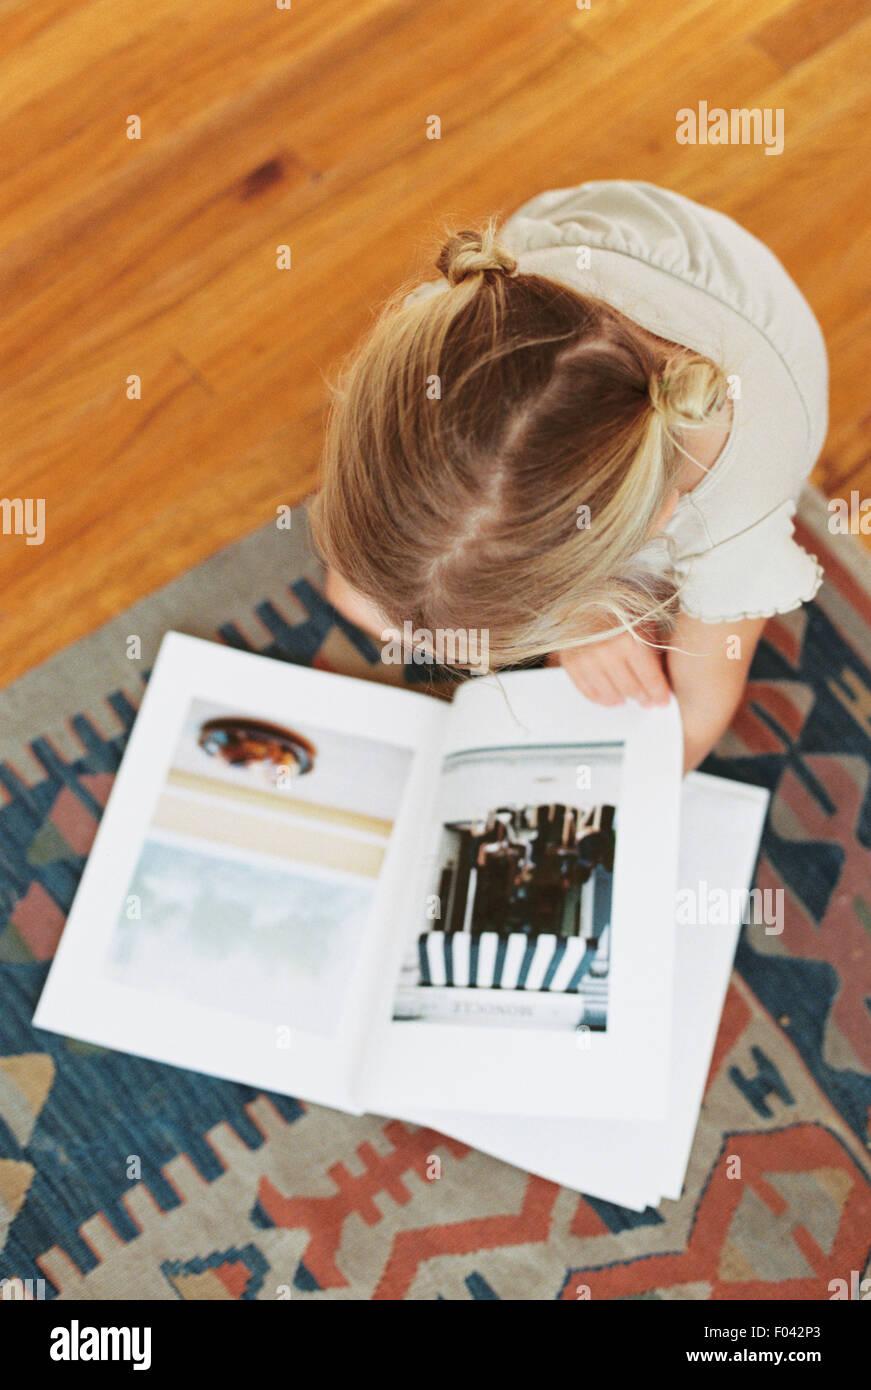 Giovane ragazza seduta sul pavimento, la lettura di un libro, vista da sopra Immagini Stock